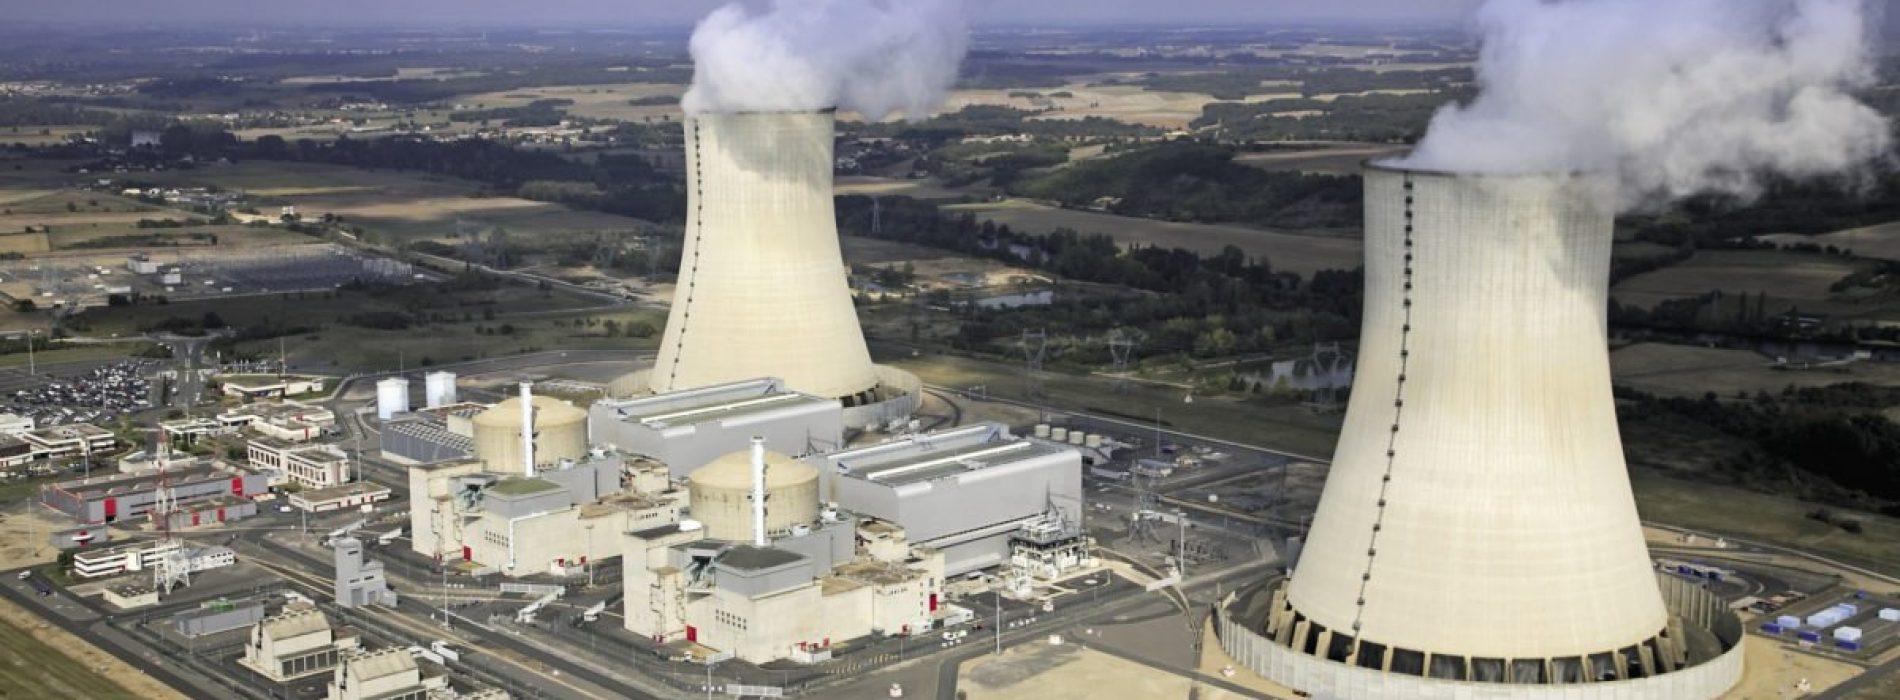 Il Sud Africa avvia le consultazioni sul nucleare